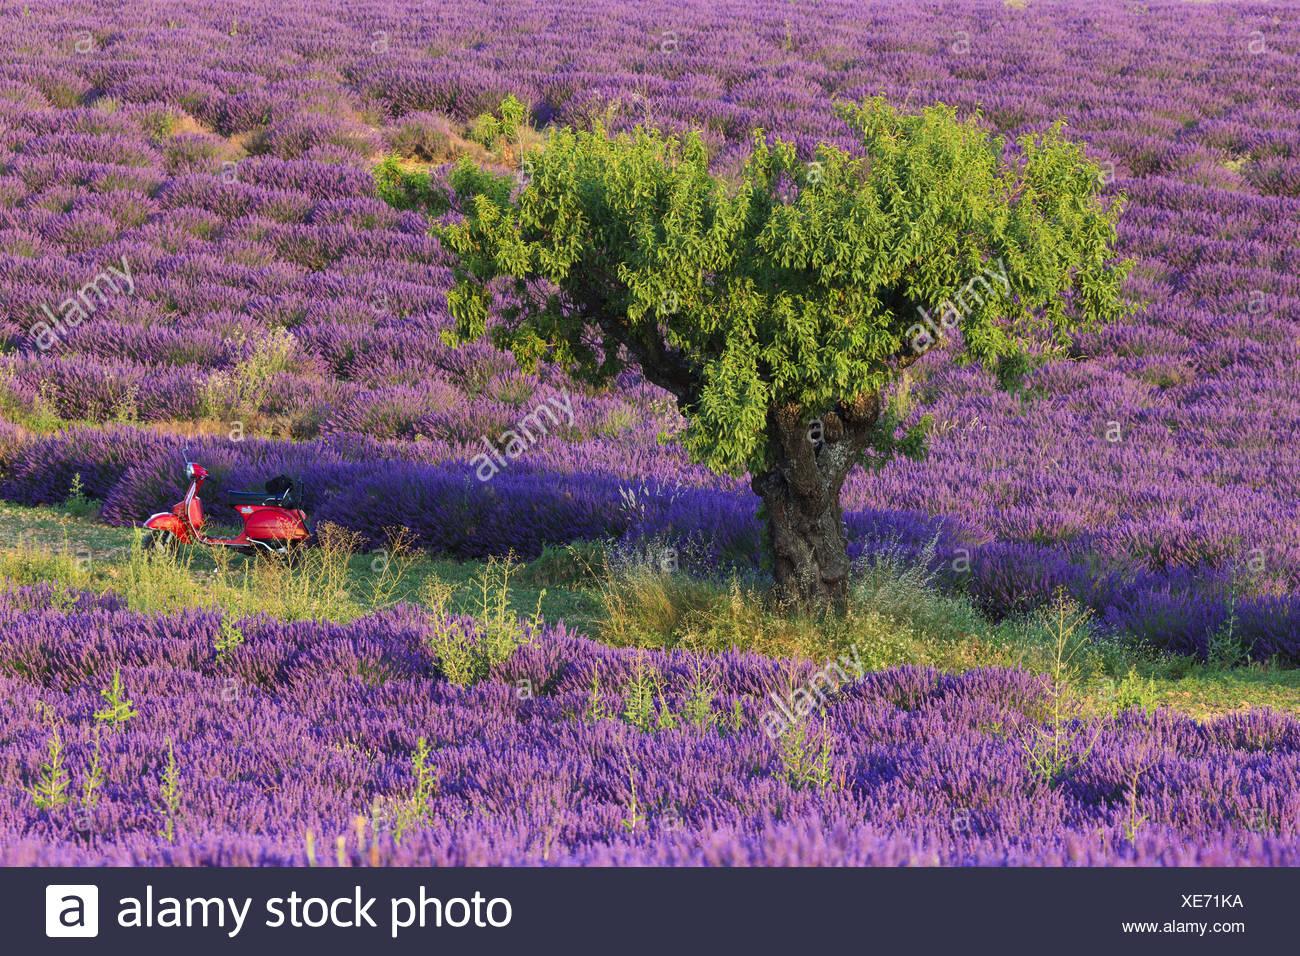 Vertu De La Lavande scooter rouge en vertu de l'amandier, prunus dulcis, dans le